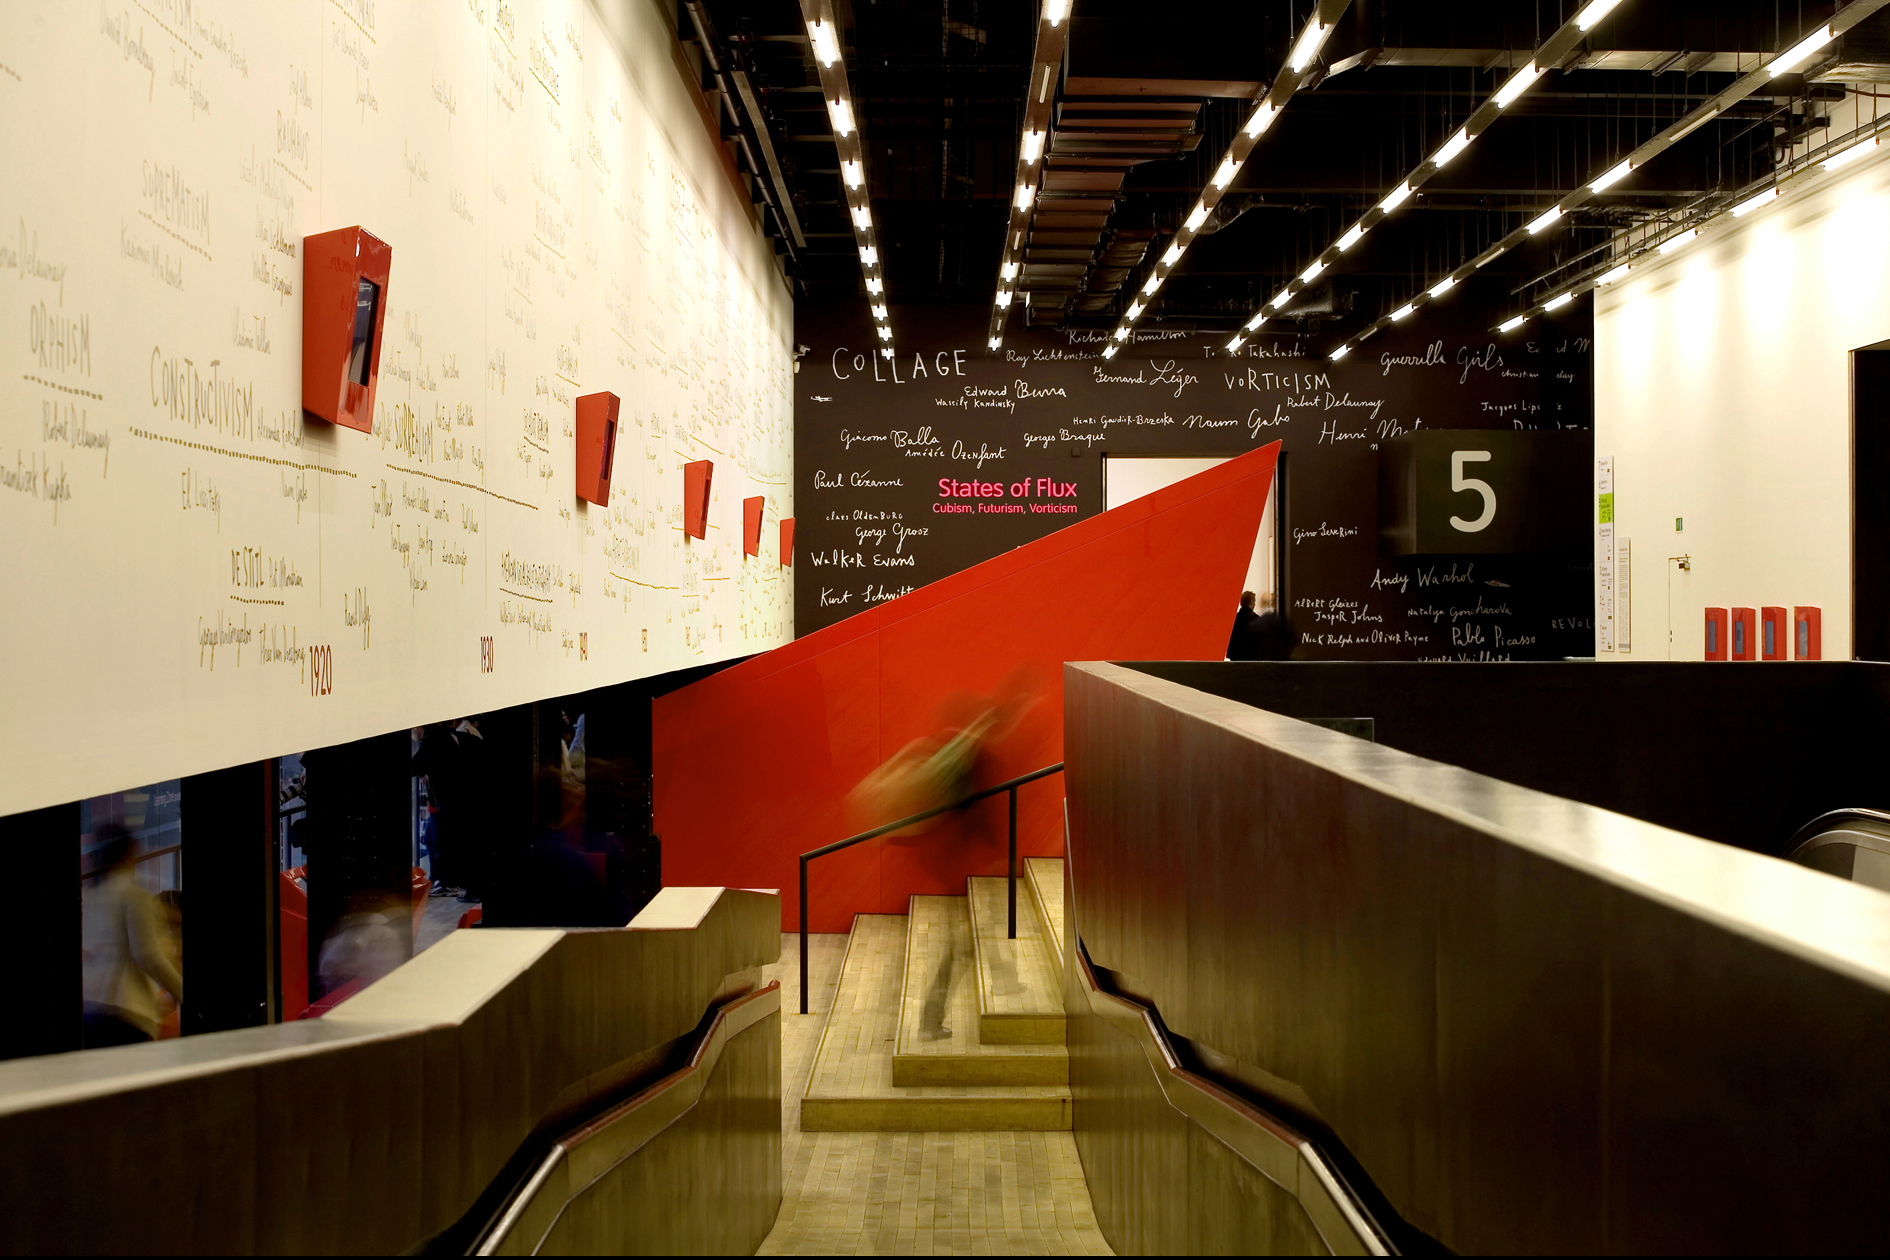 テート・モダン美術館 3F・5F コンコース / 2006年 | グラフィック